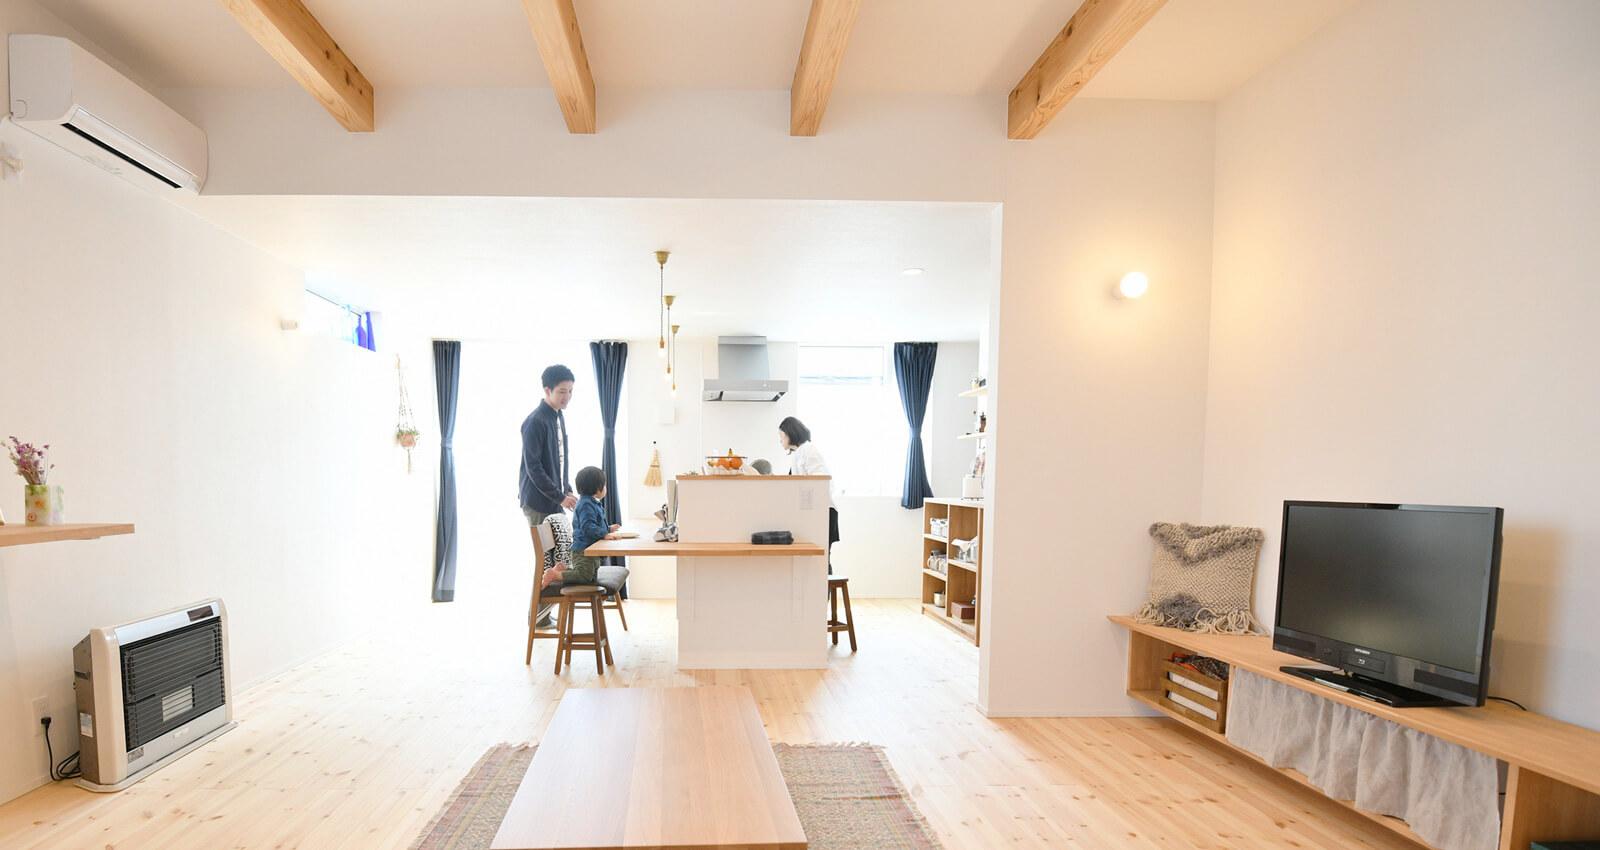 私らしい、楽しい。シンプルな家づくり。|八戸市の工務店新築注文住宅のグリーンホームズ